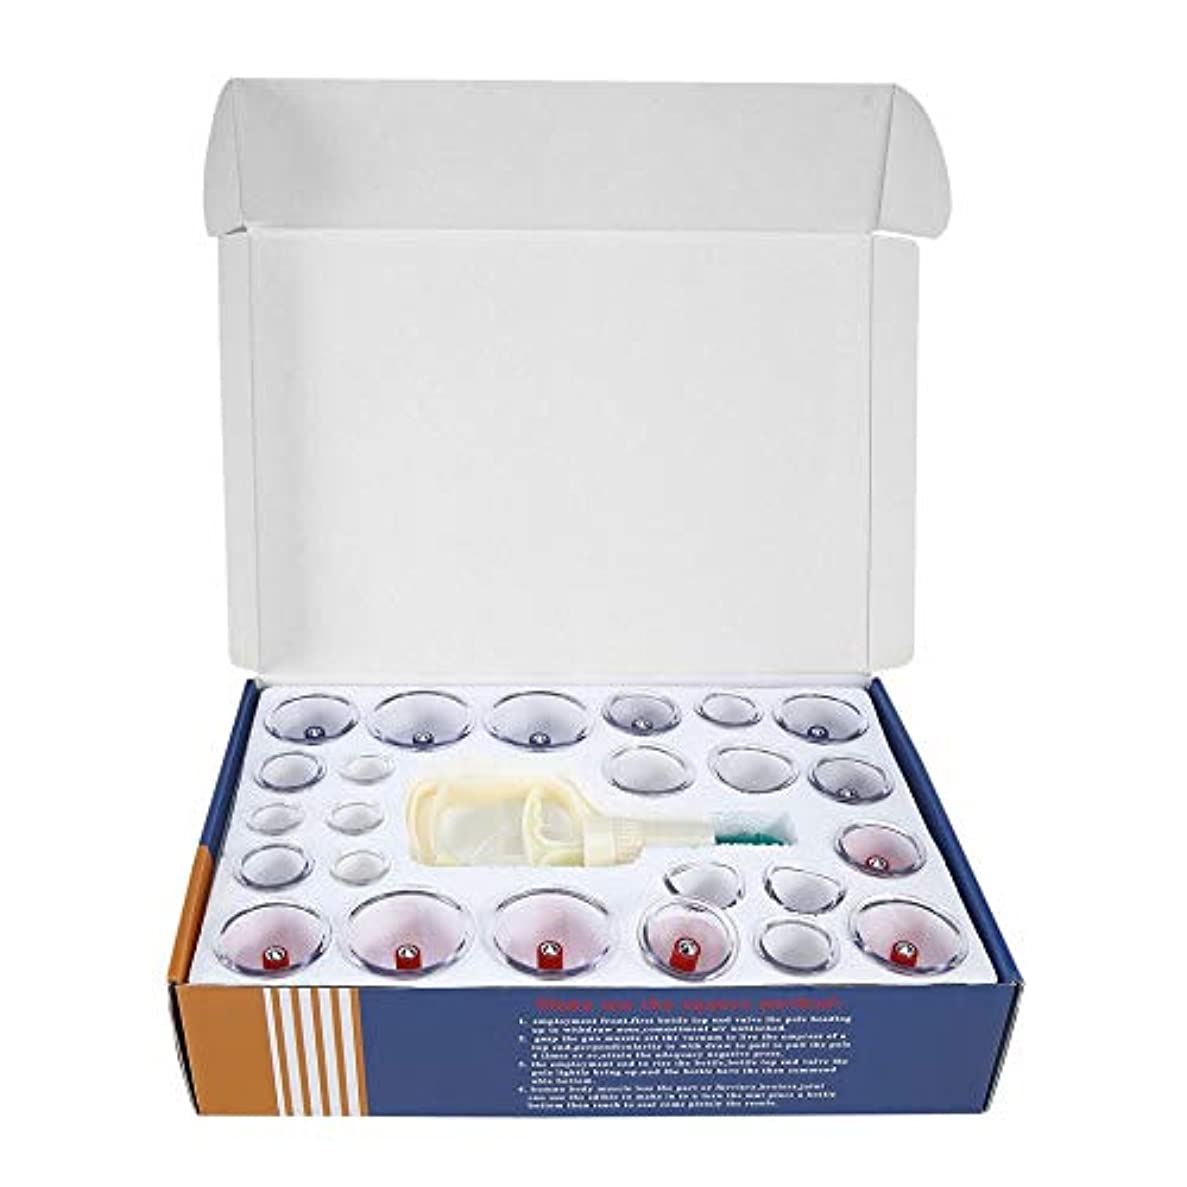 道コーンベアリング中国のヘルスケア医療真空ボディカッピングセット24ピースマッサージ缶カップバイオマグネティックマッサージ療法ボディリラクゼーションキット(Color:clear)